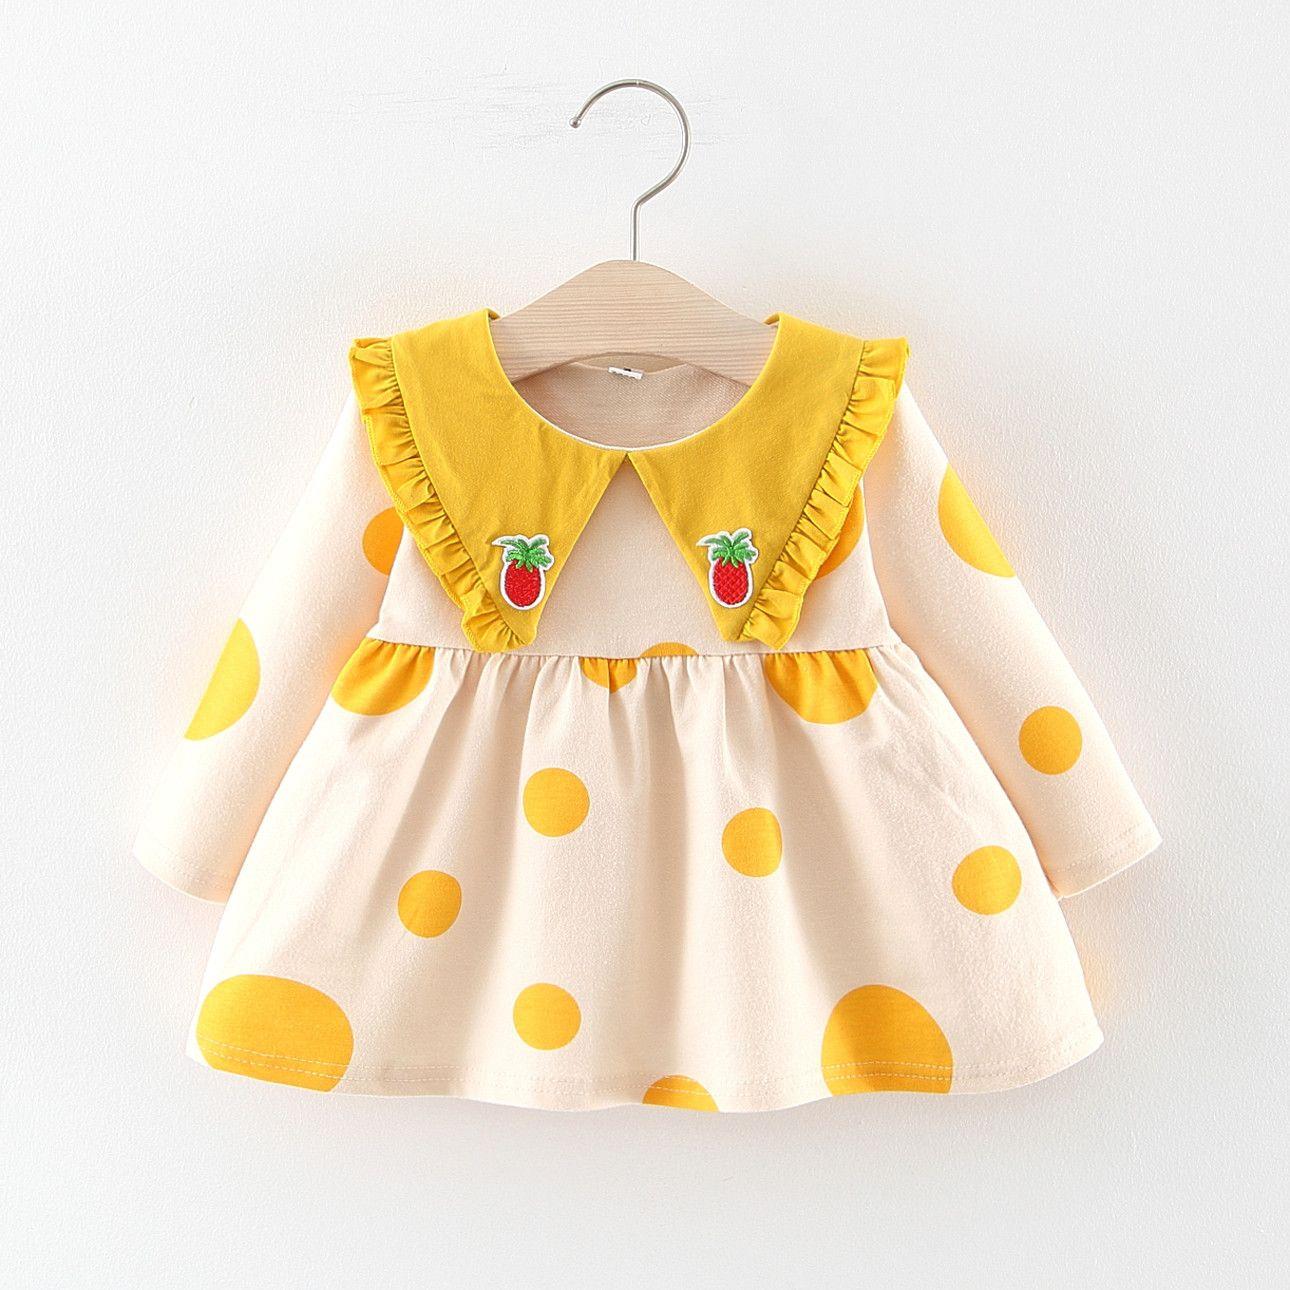 ربيع الخريف الفتيات ملابس Pricess اللباس طويلة الأكمام منقطة اللباس الأنيق فتاة الملابس اللباس